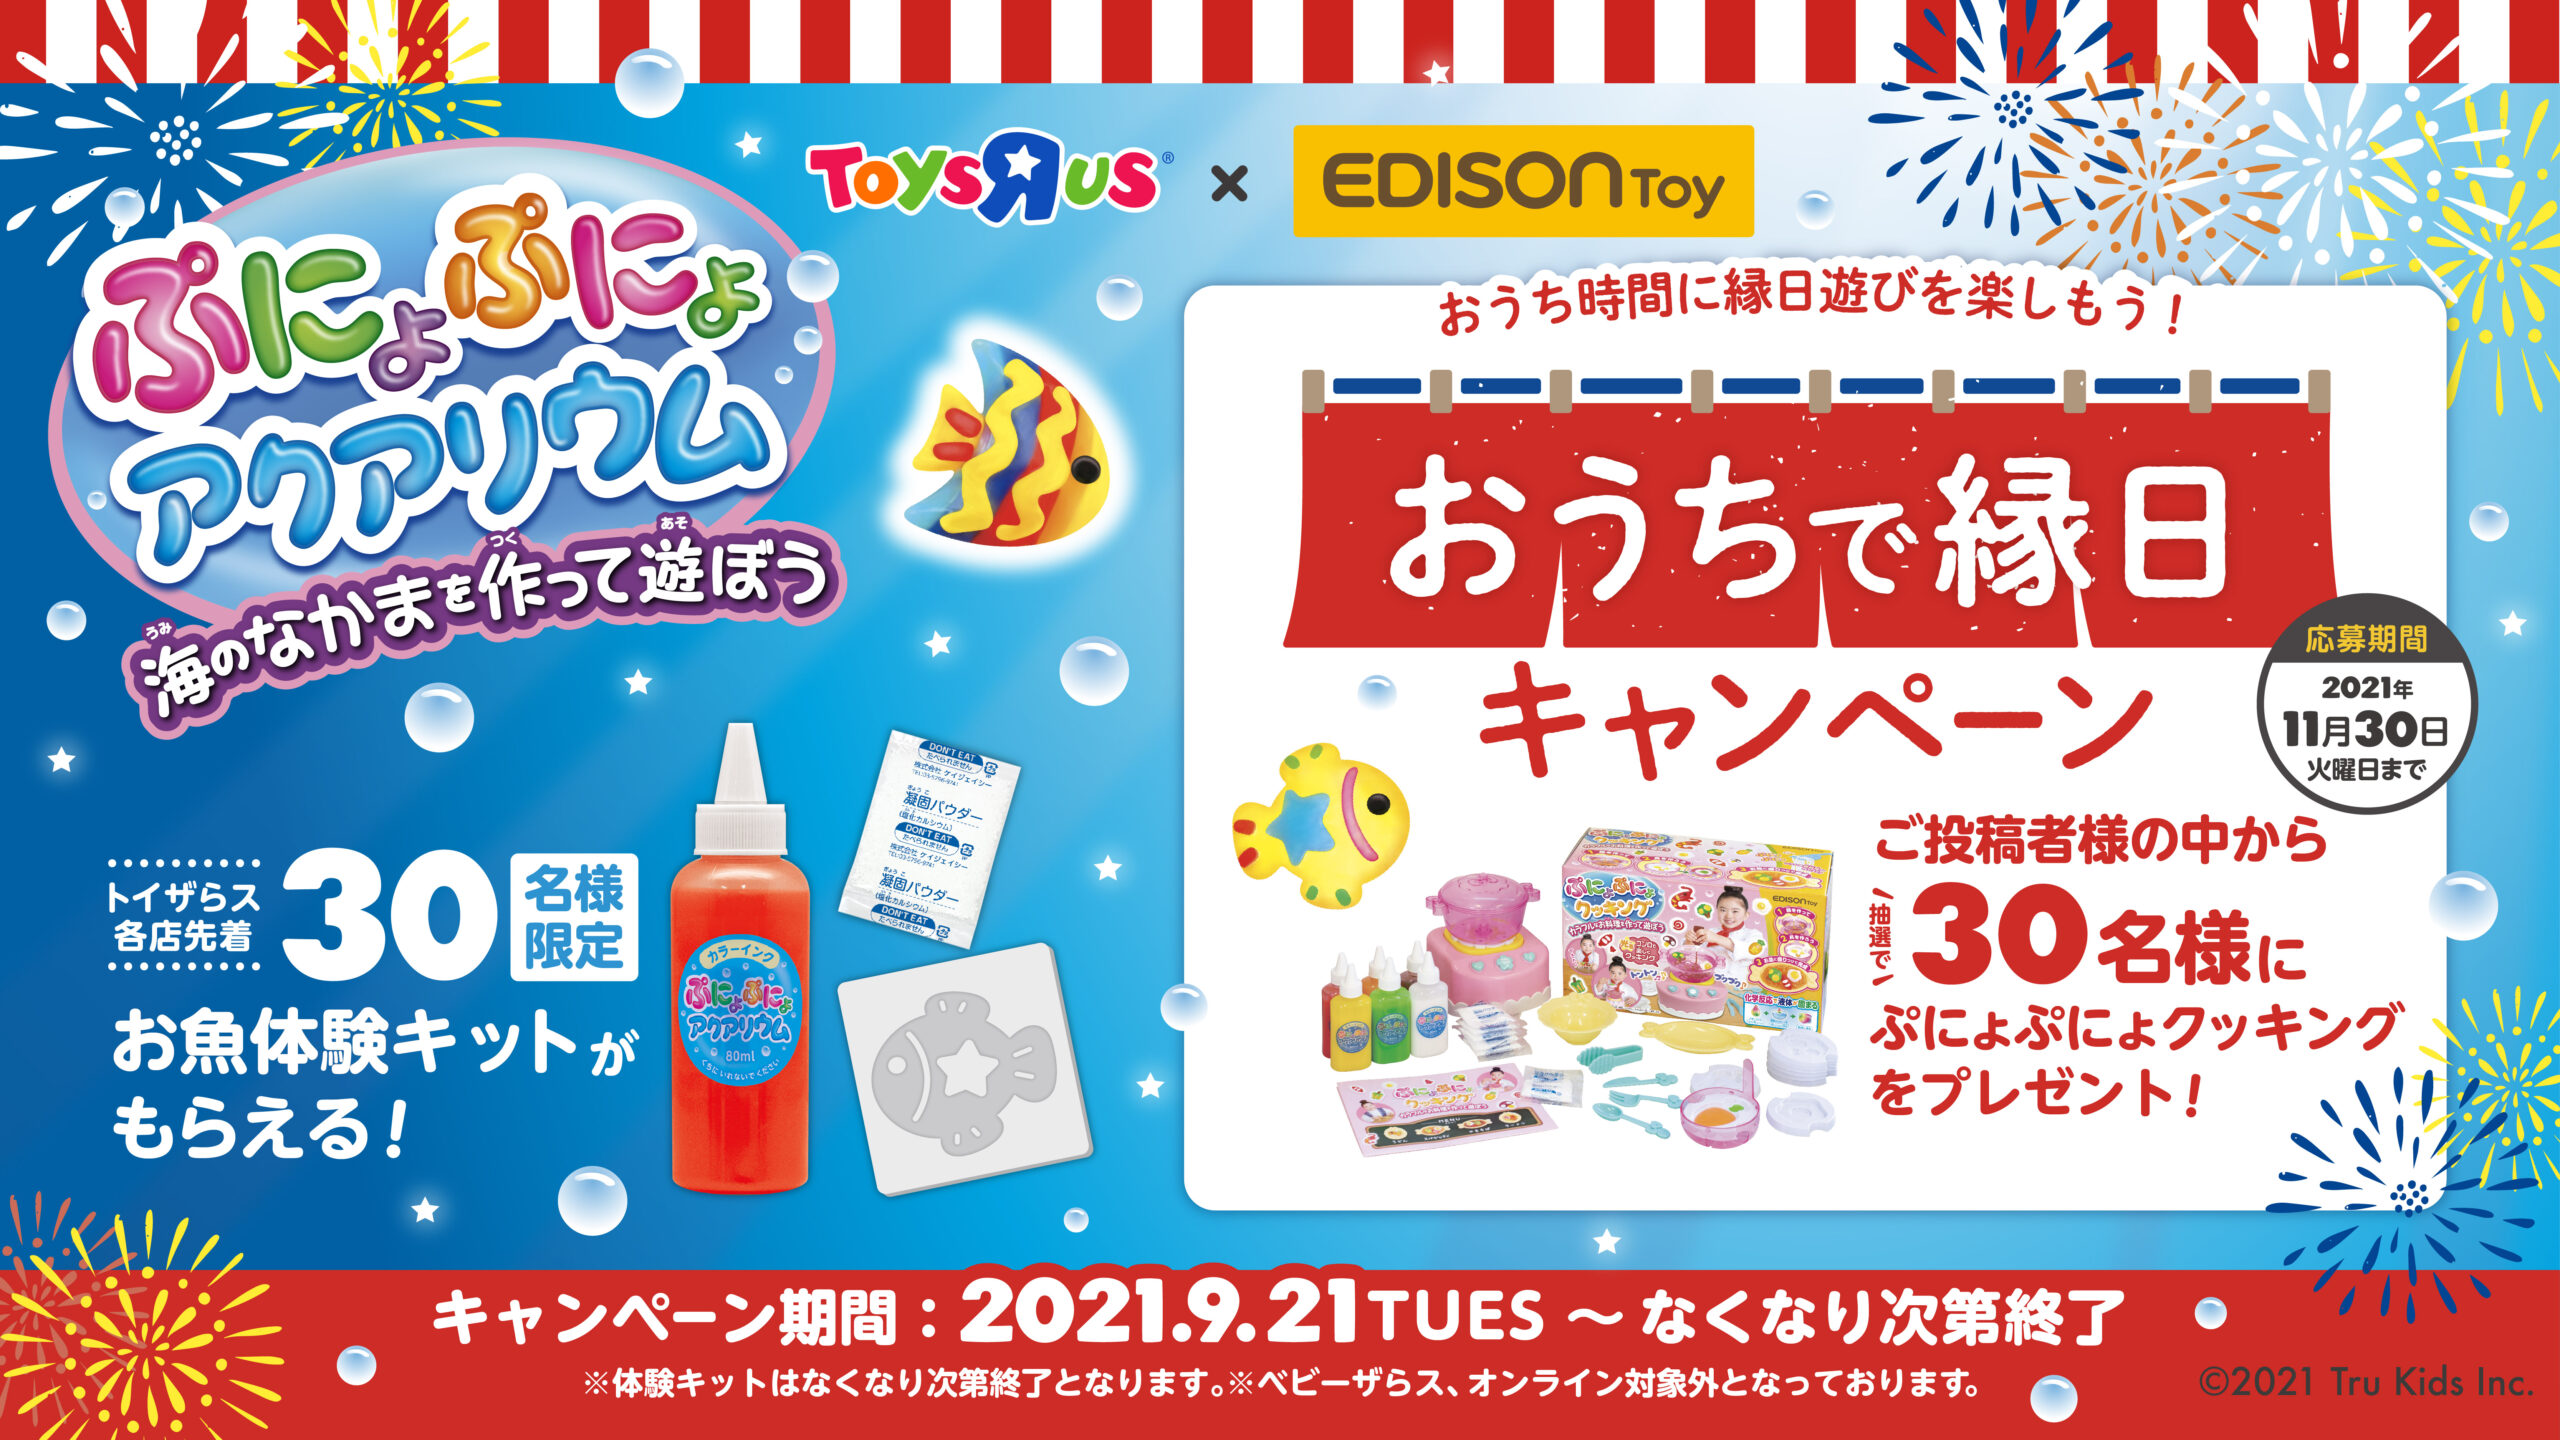 トイザらス×エジソントイ おうちで縁日キャンペーン開催!